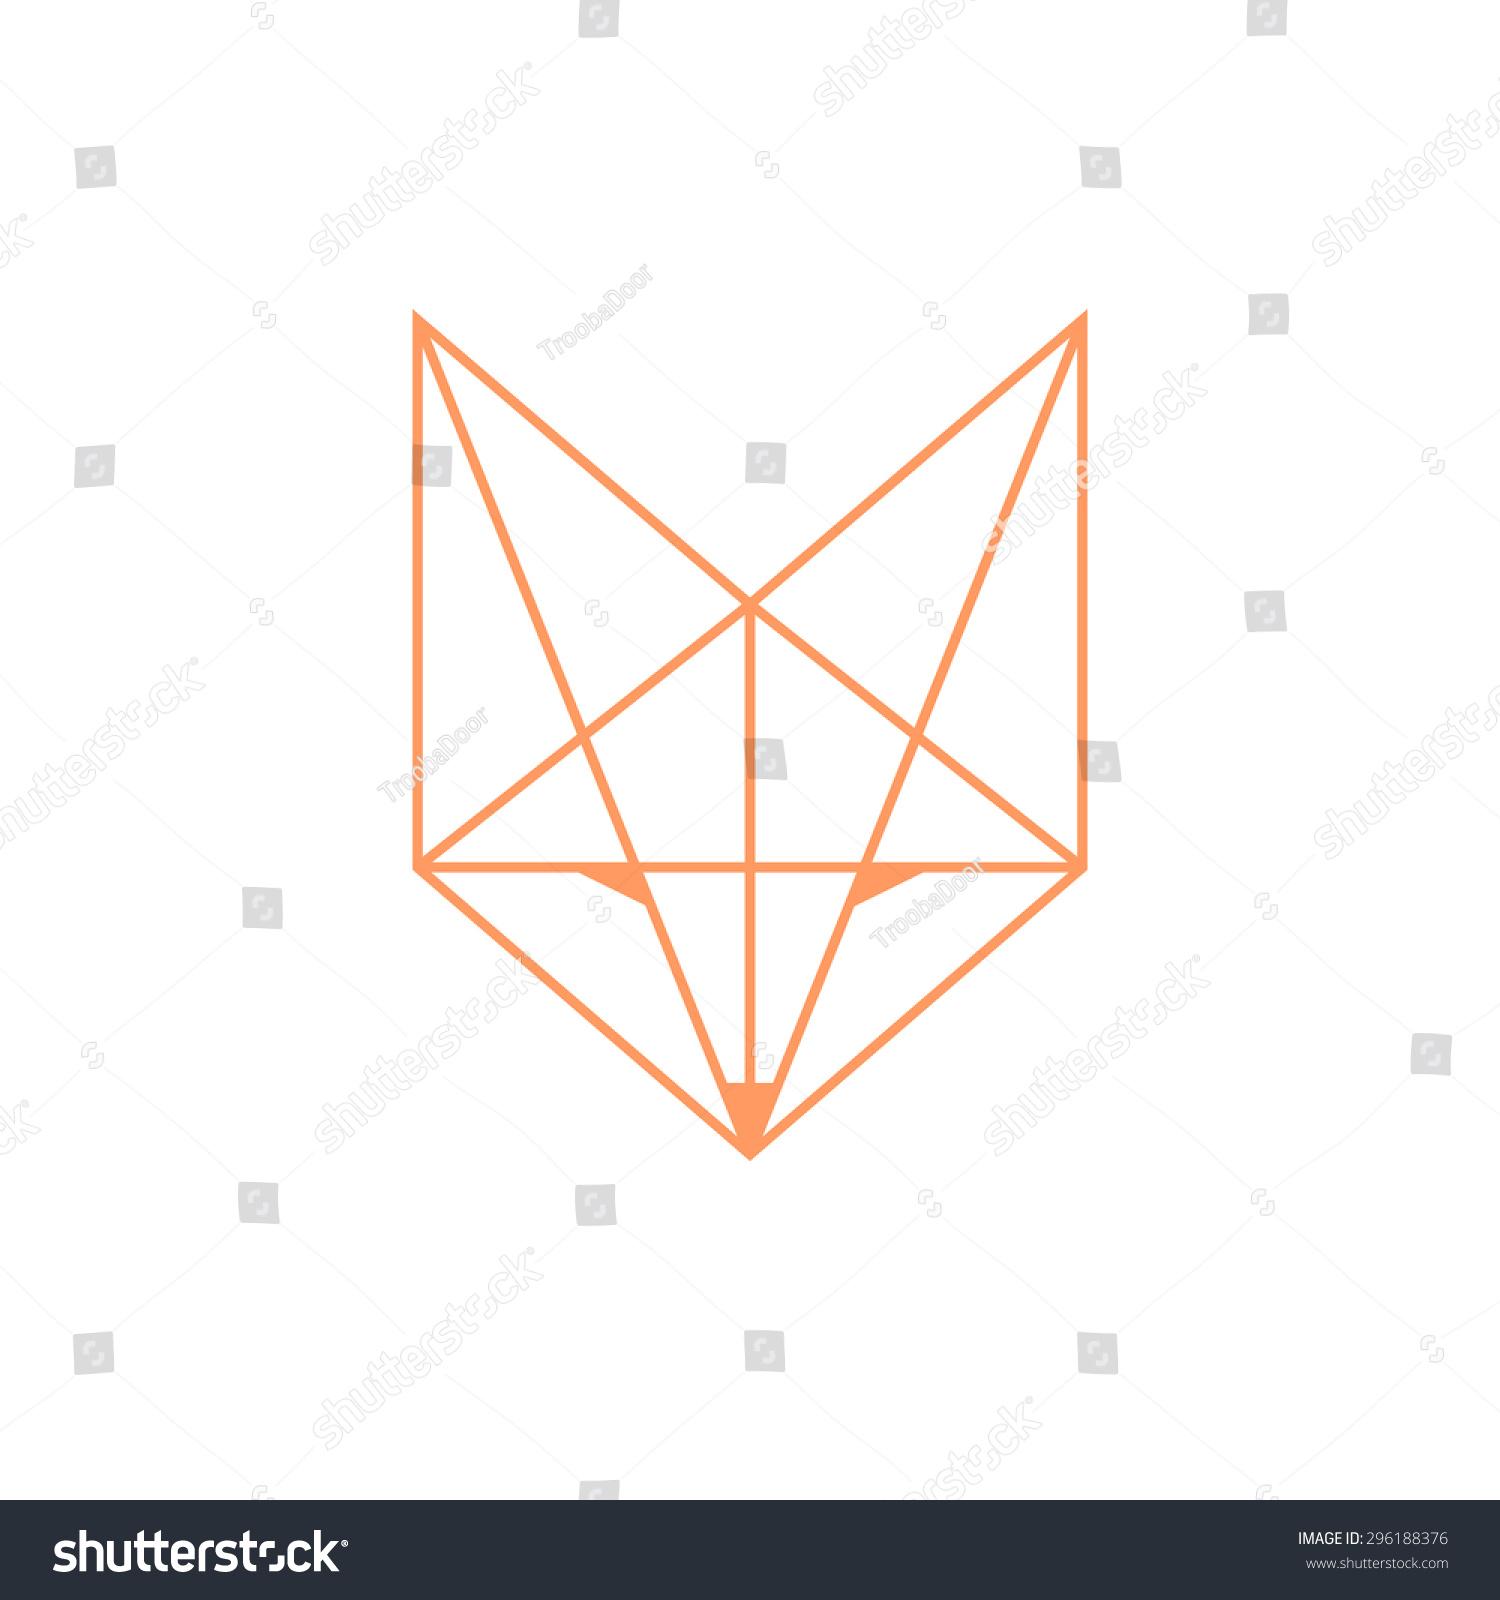 Simple fox head outline - photo#2